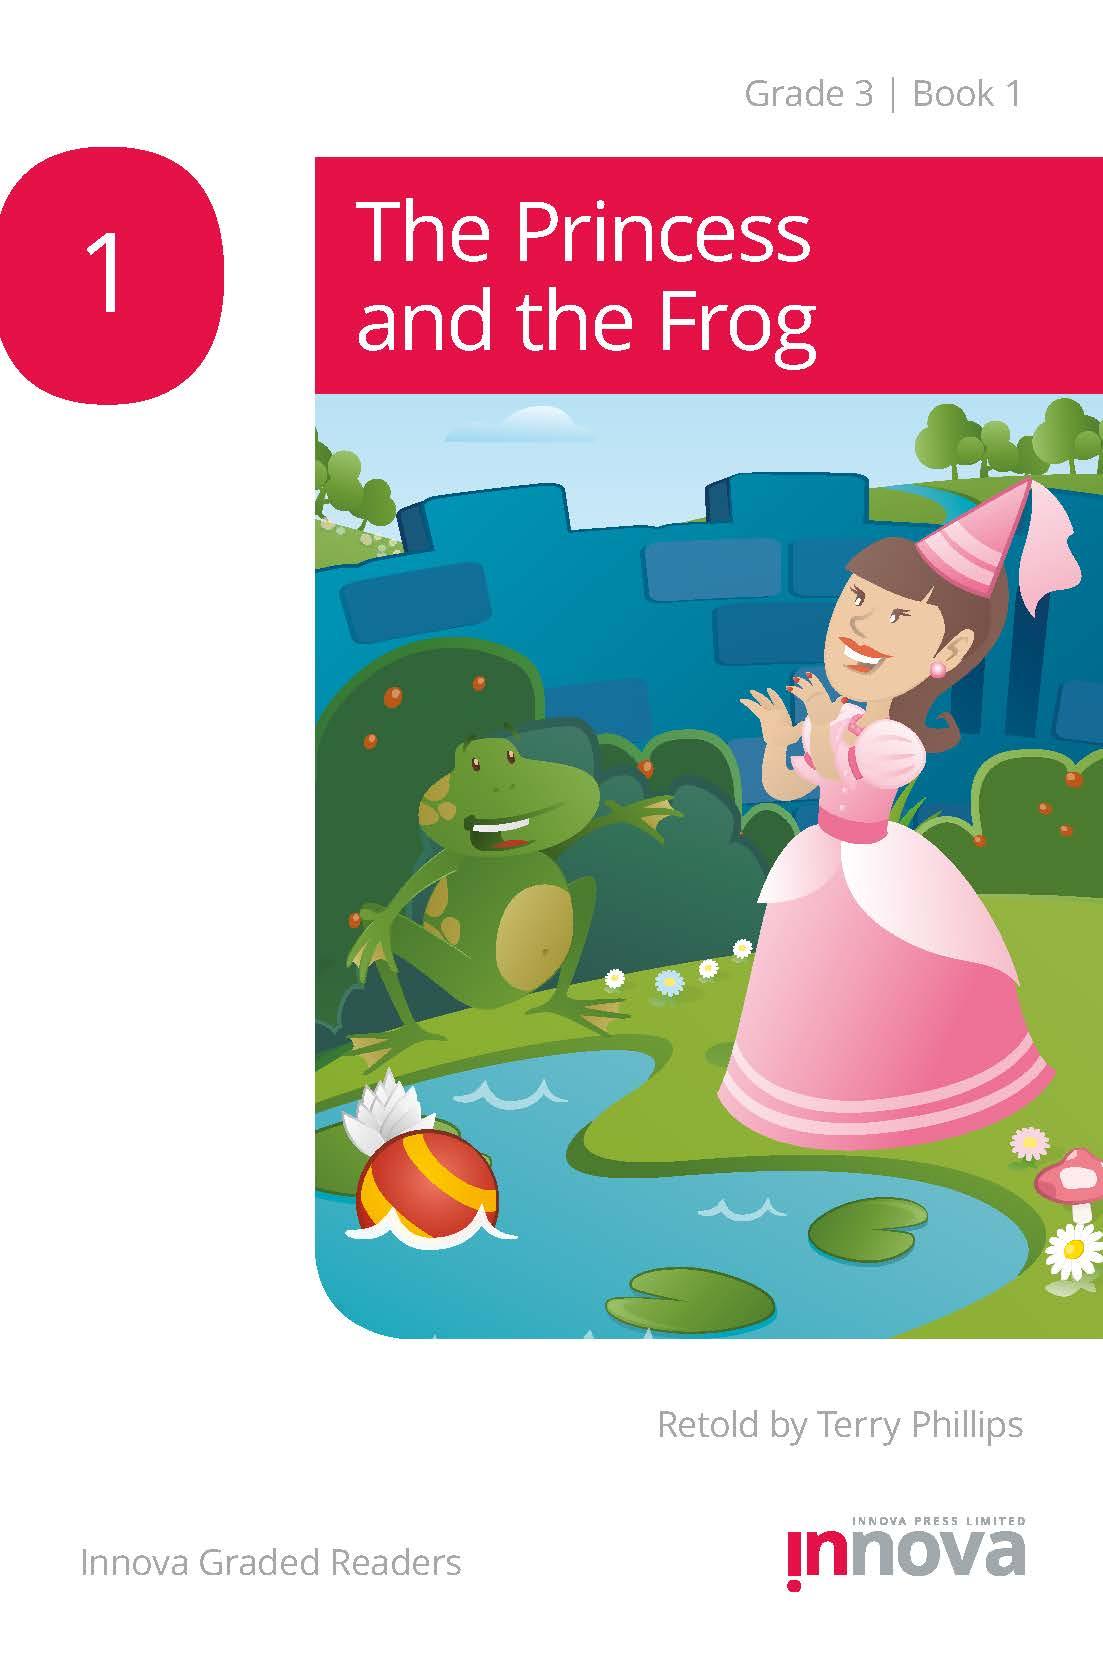 Innova G3B1 | The Princess and the Frog